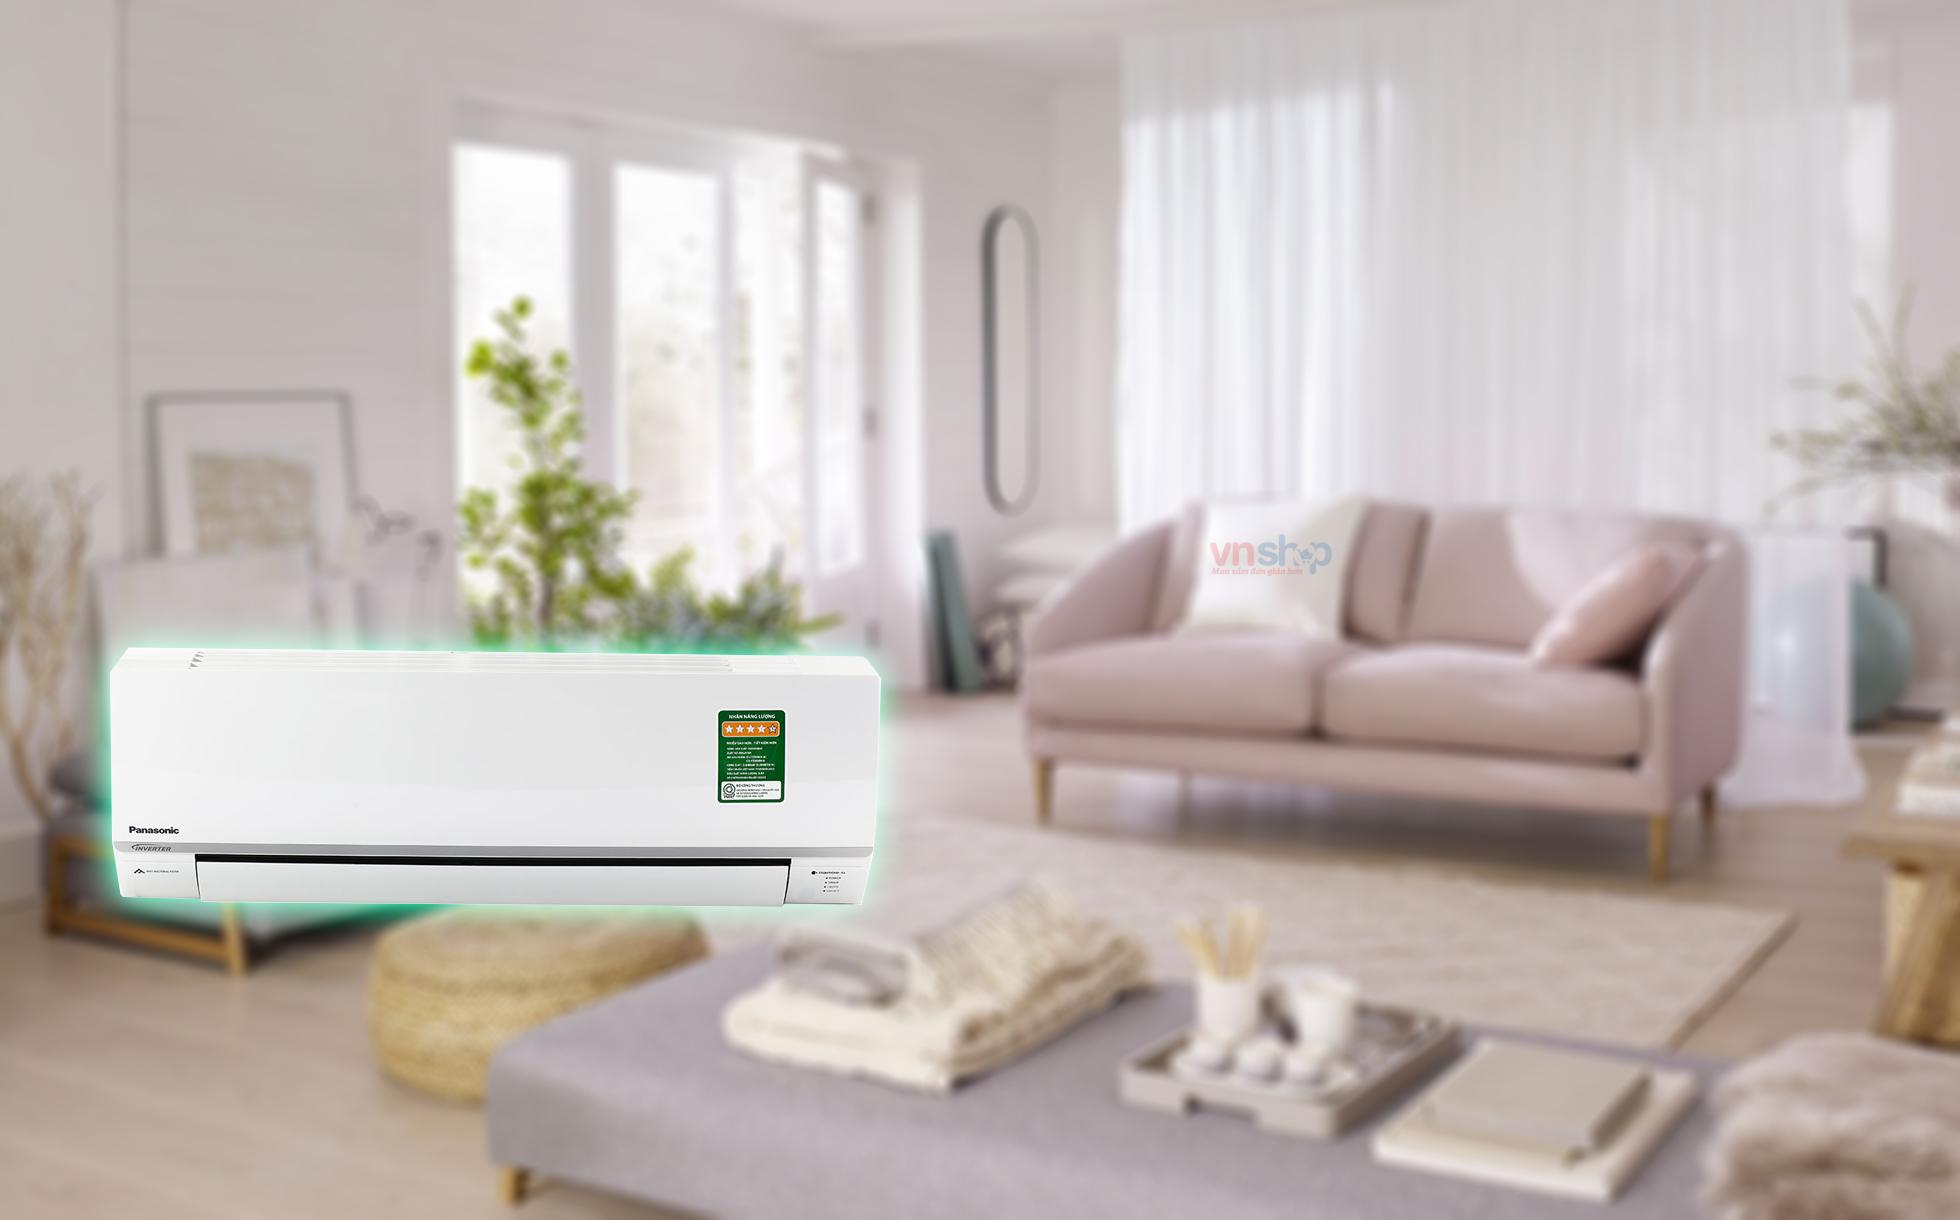 Làm sao để sử dụng điều hòa tiết kiệm điện